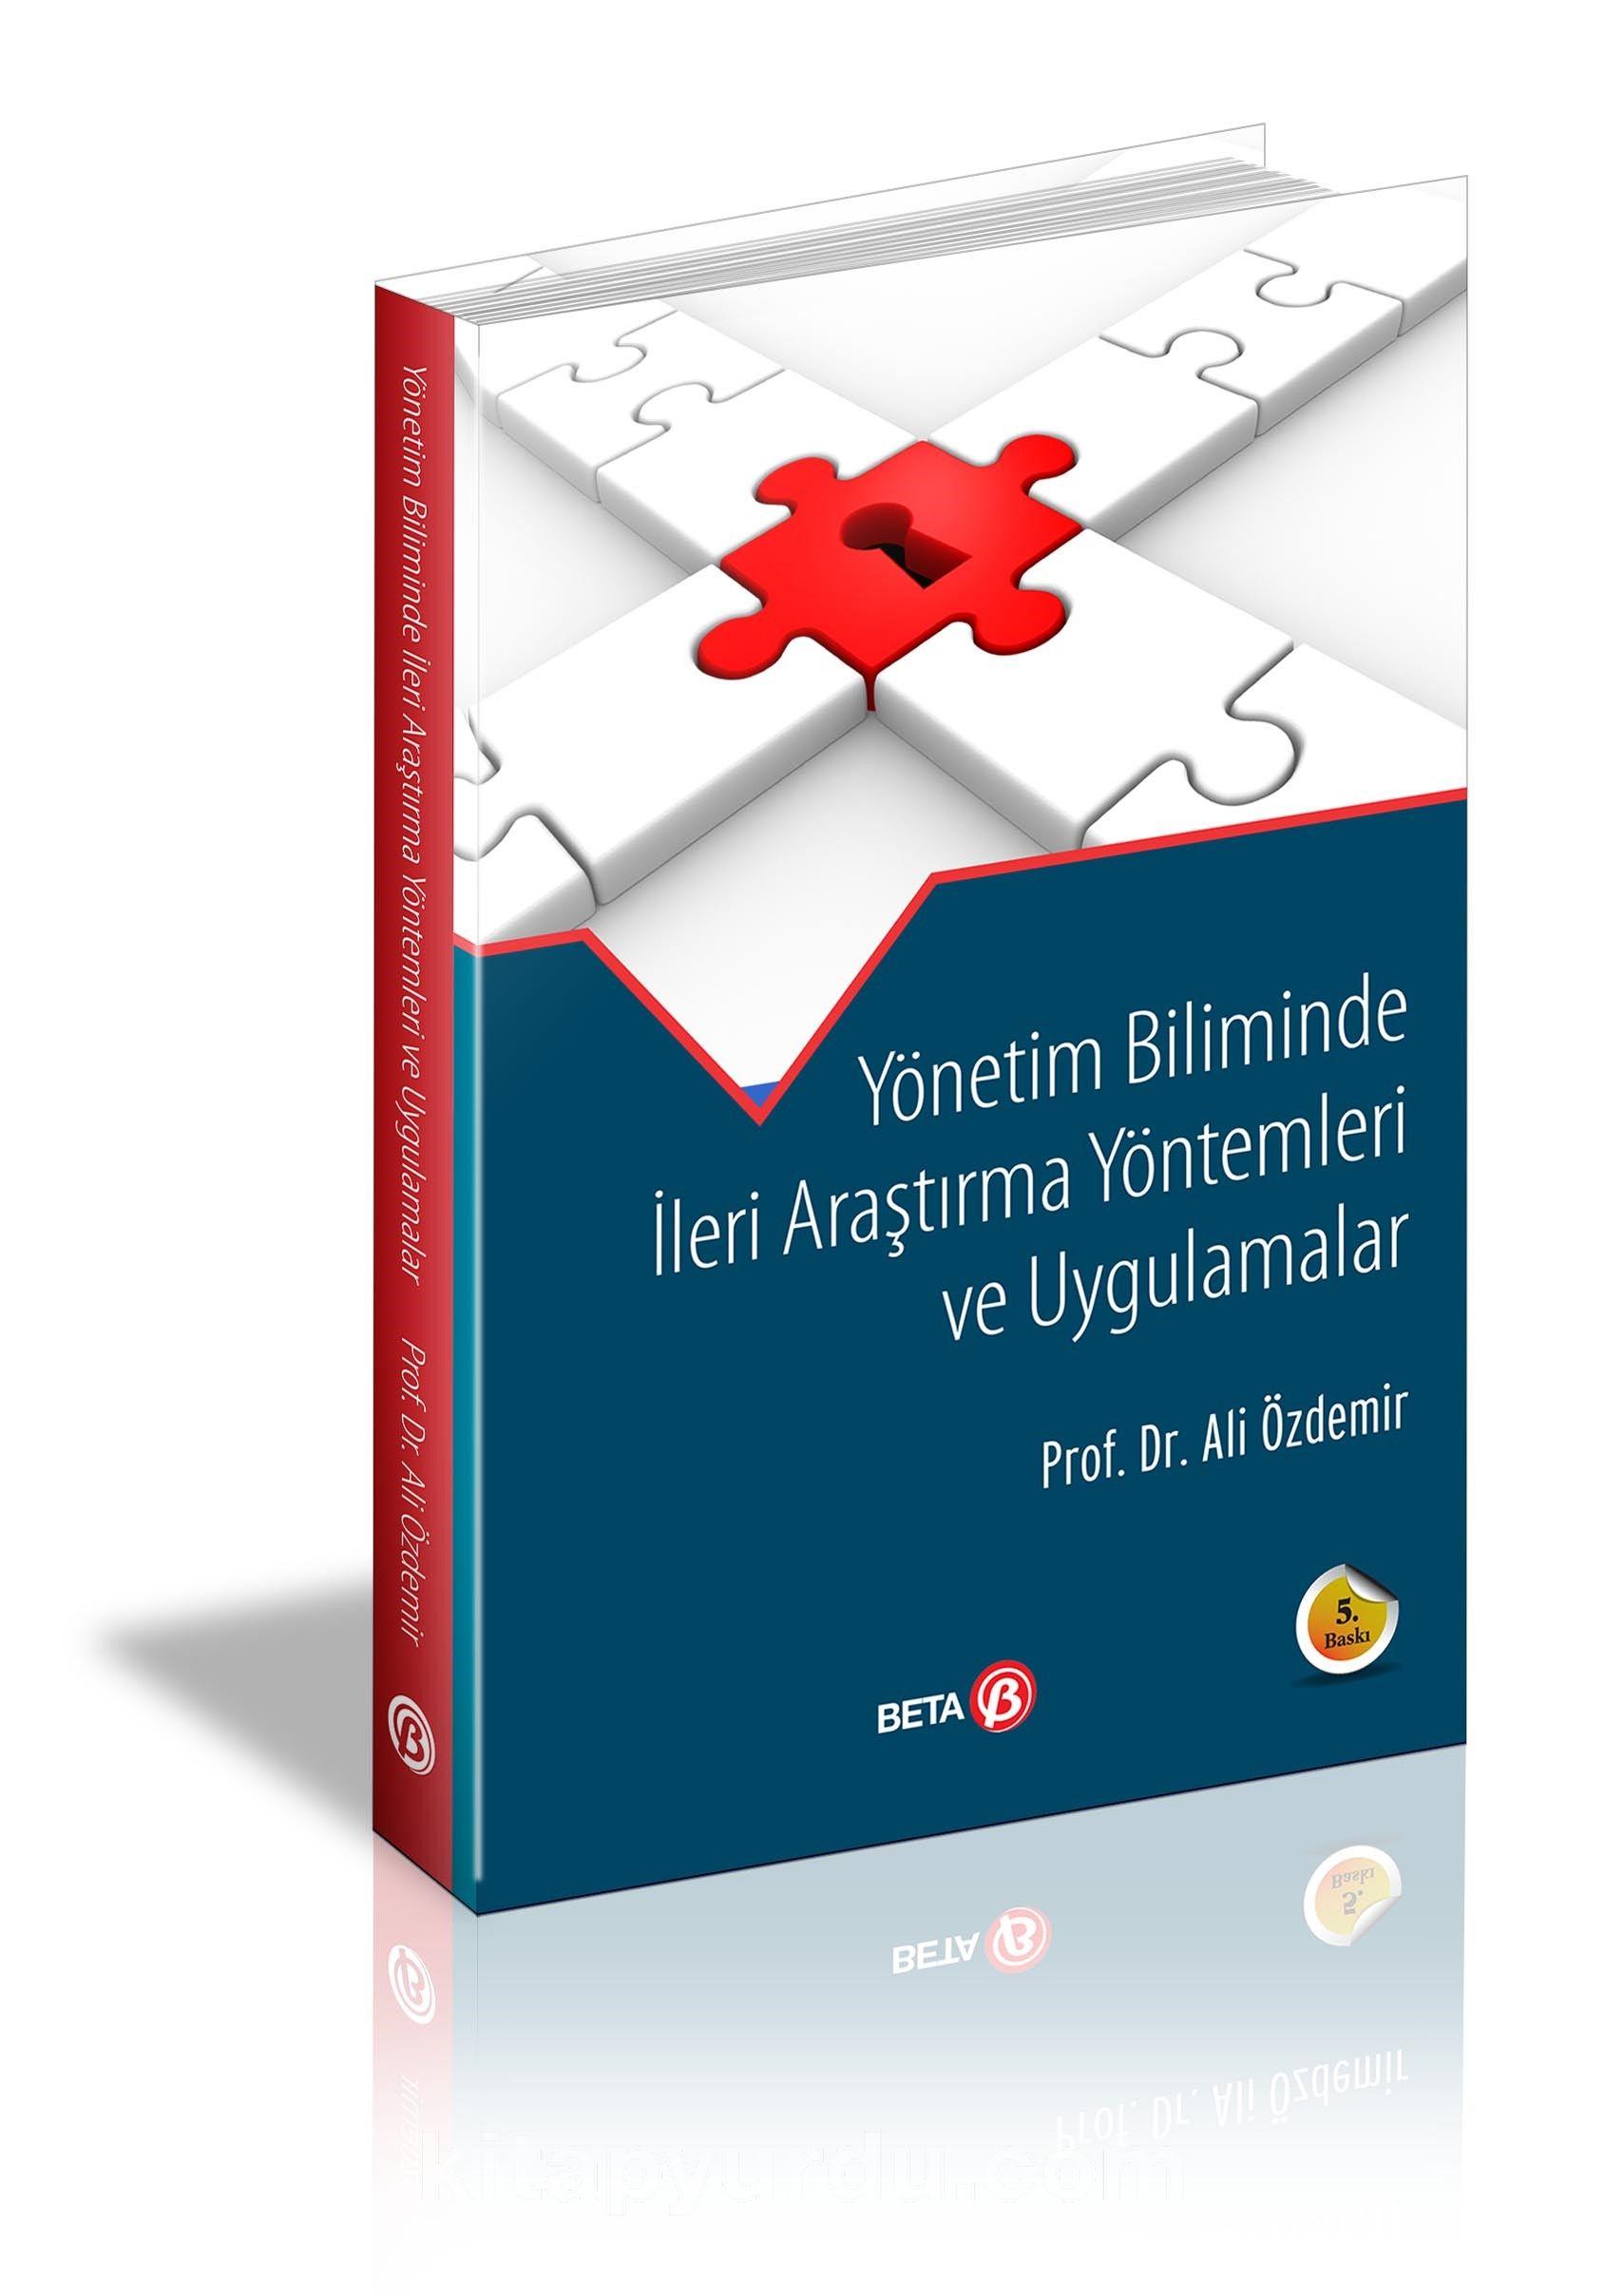 Yönetim Biliminde İleri Araştırma Yöntemleri ve Uygulamalar - Ali Özdemir pdf epub